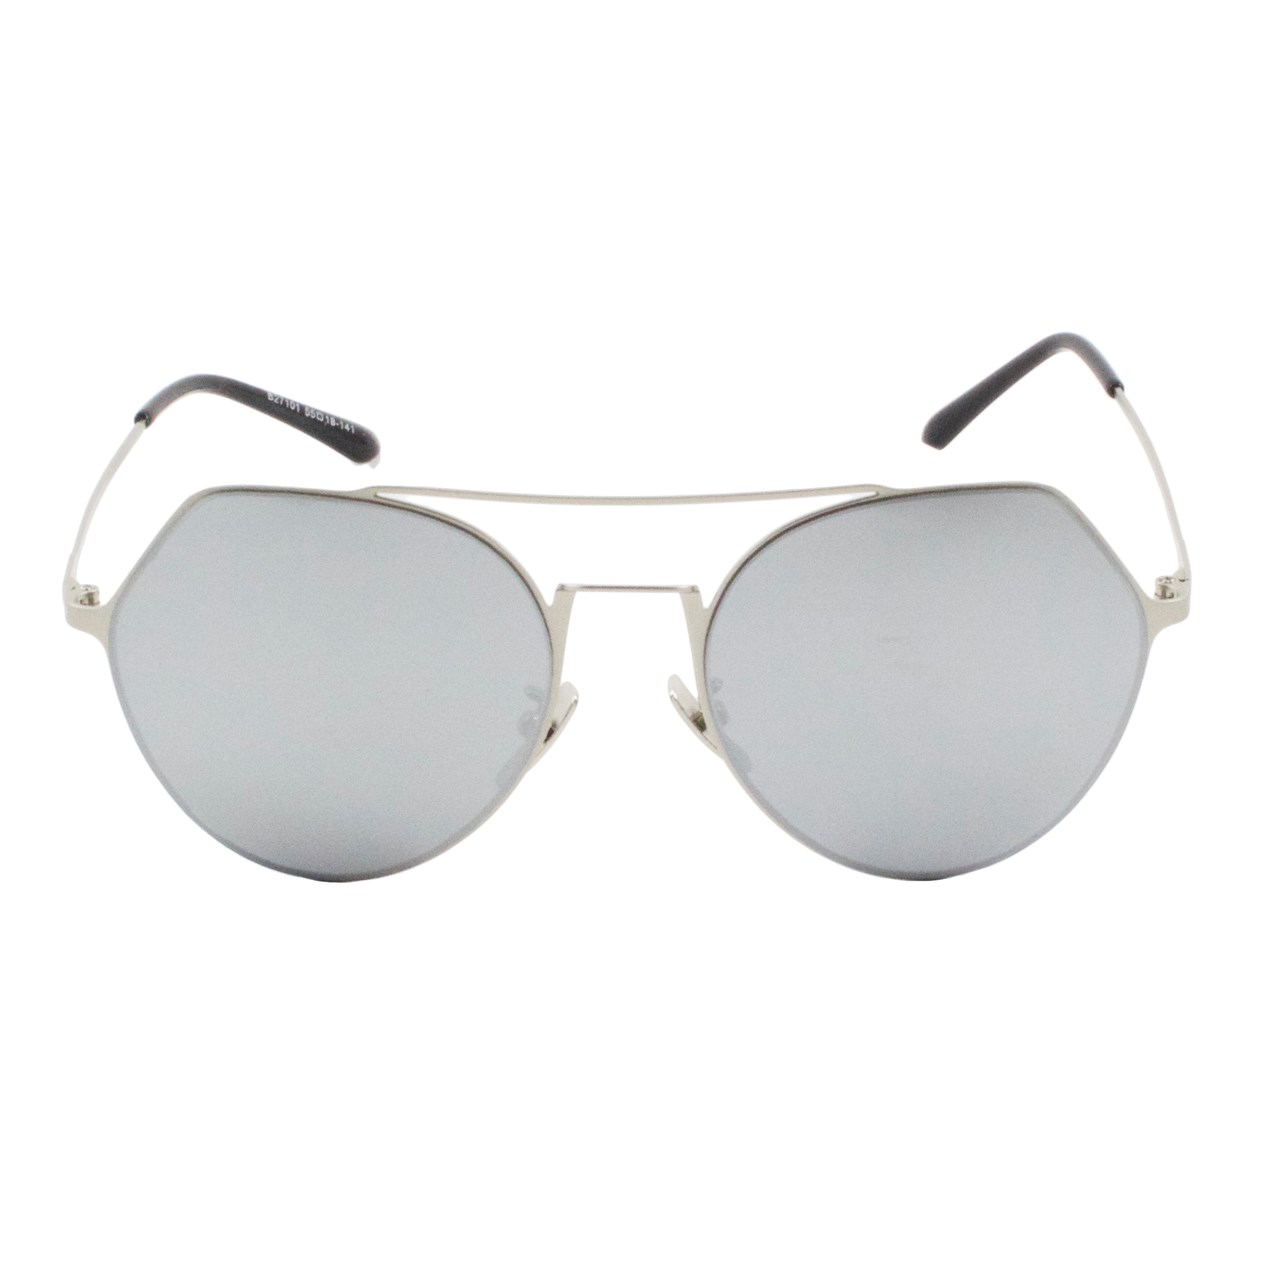 عینک آفتابی مدل Wilibolo Liberty Mirror 2018